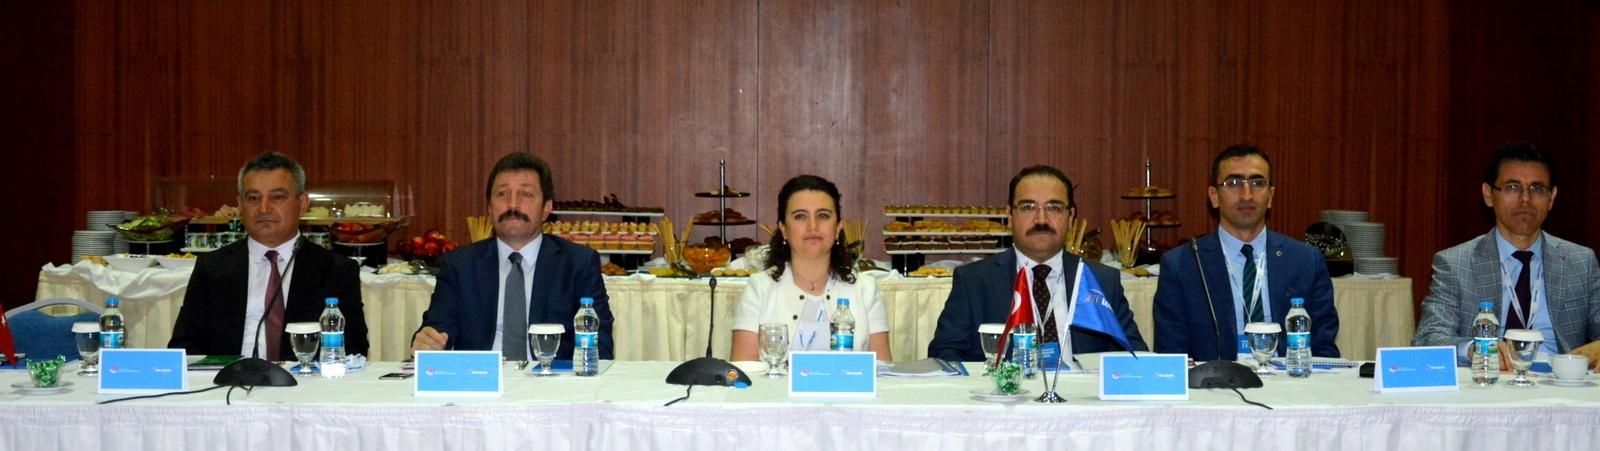 Teknoloji Geliştirme Bölgeleri IV. Koordinasyon Toplantısı Gerçekleşti